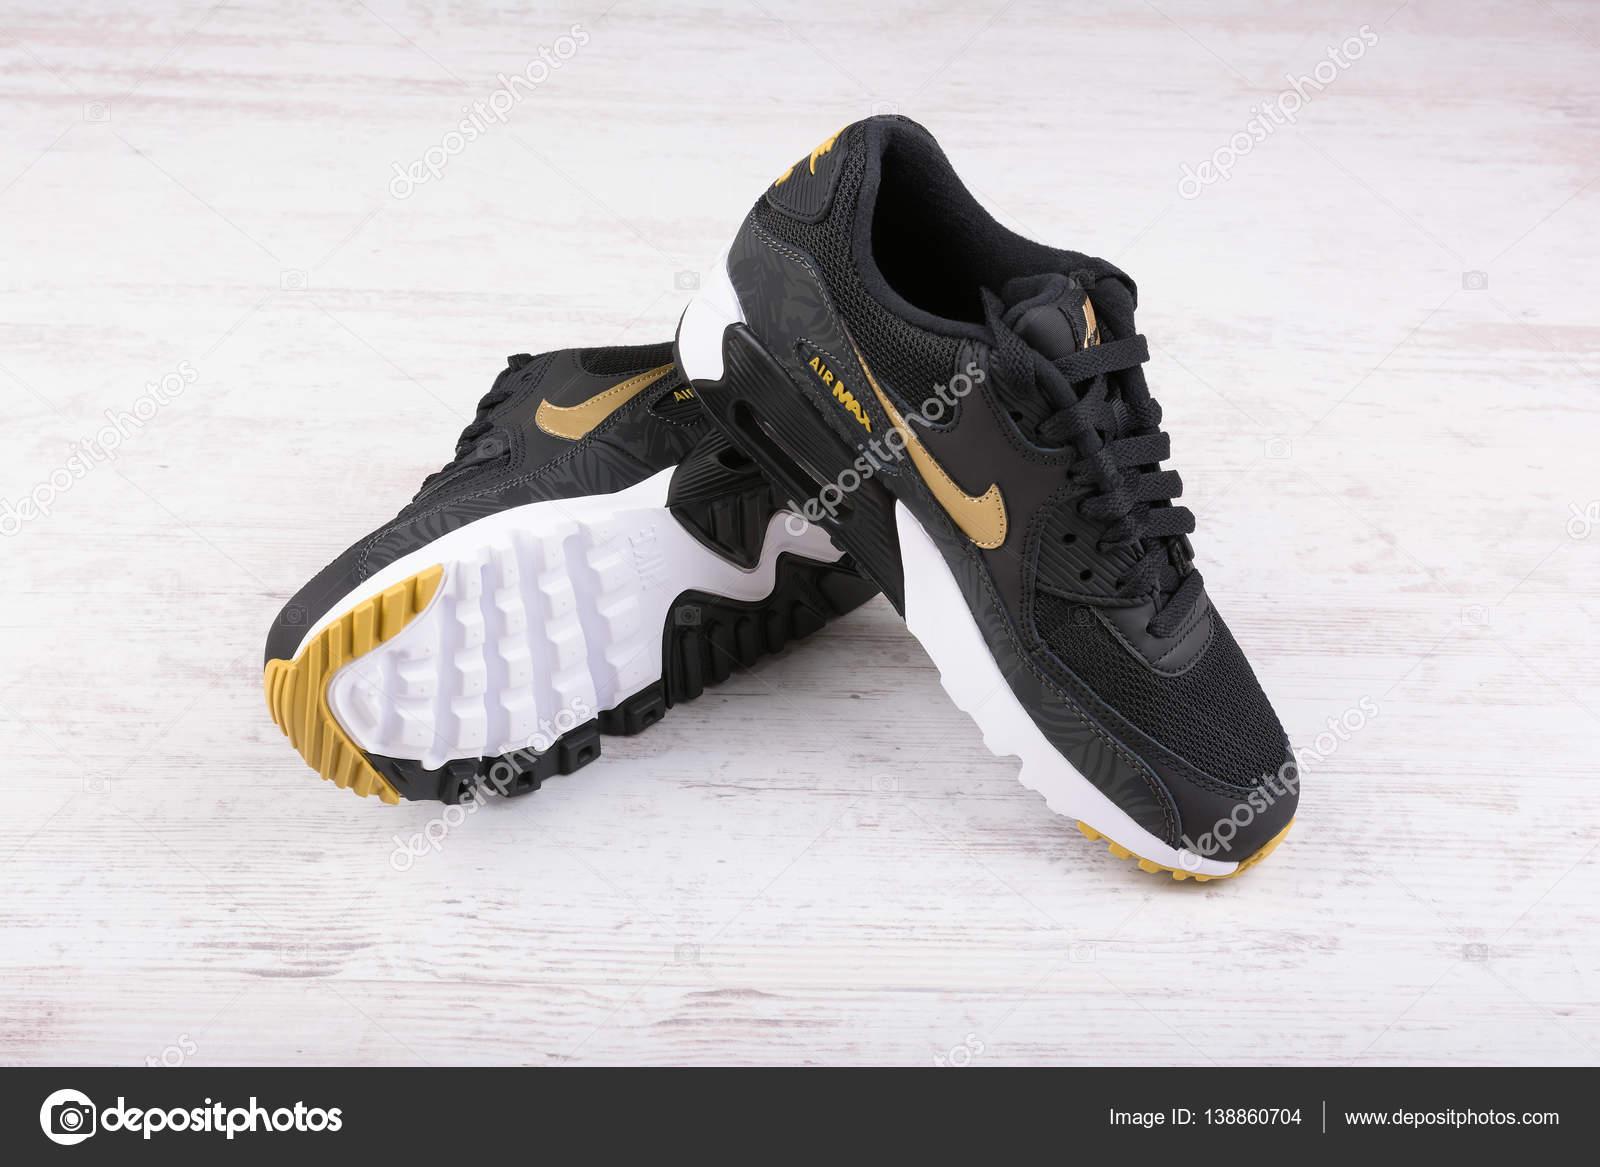 12c2a4ddcb4 Nike είναι λιανοπωλητής παγκόσμια αθλητικά ρούχα και παπούτσια για τρέξιμο  — Εικόνα από ...